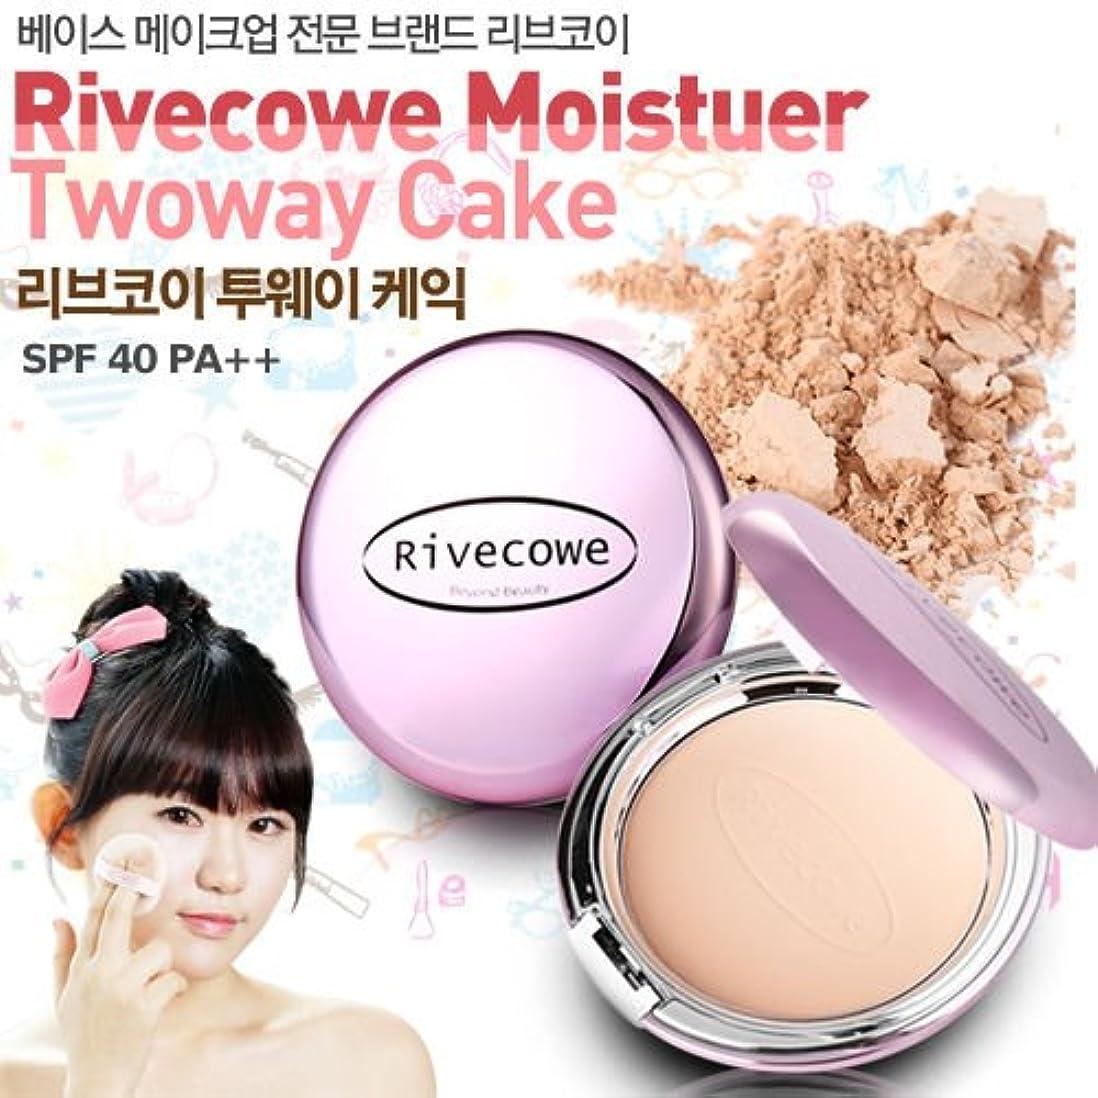 所得雄弁な夜間Rivecowe Moisture Twoway Cake (Foundation + Powder) SPF40PA++ 12g (No. 21 Natural Beige) [並行輸入品]